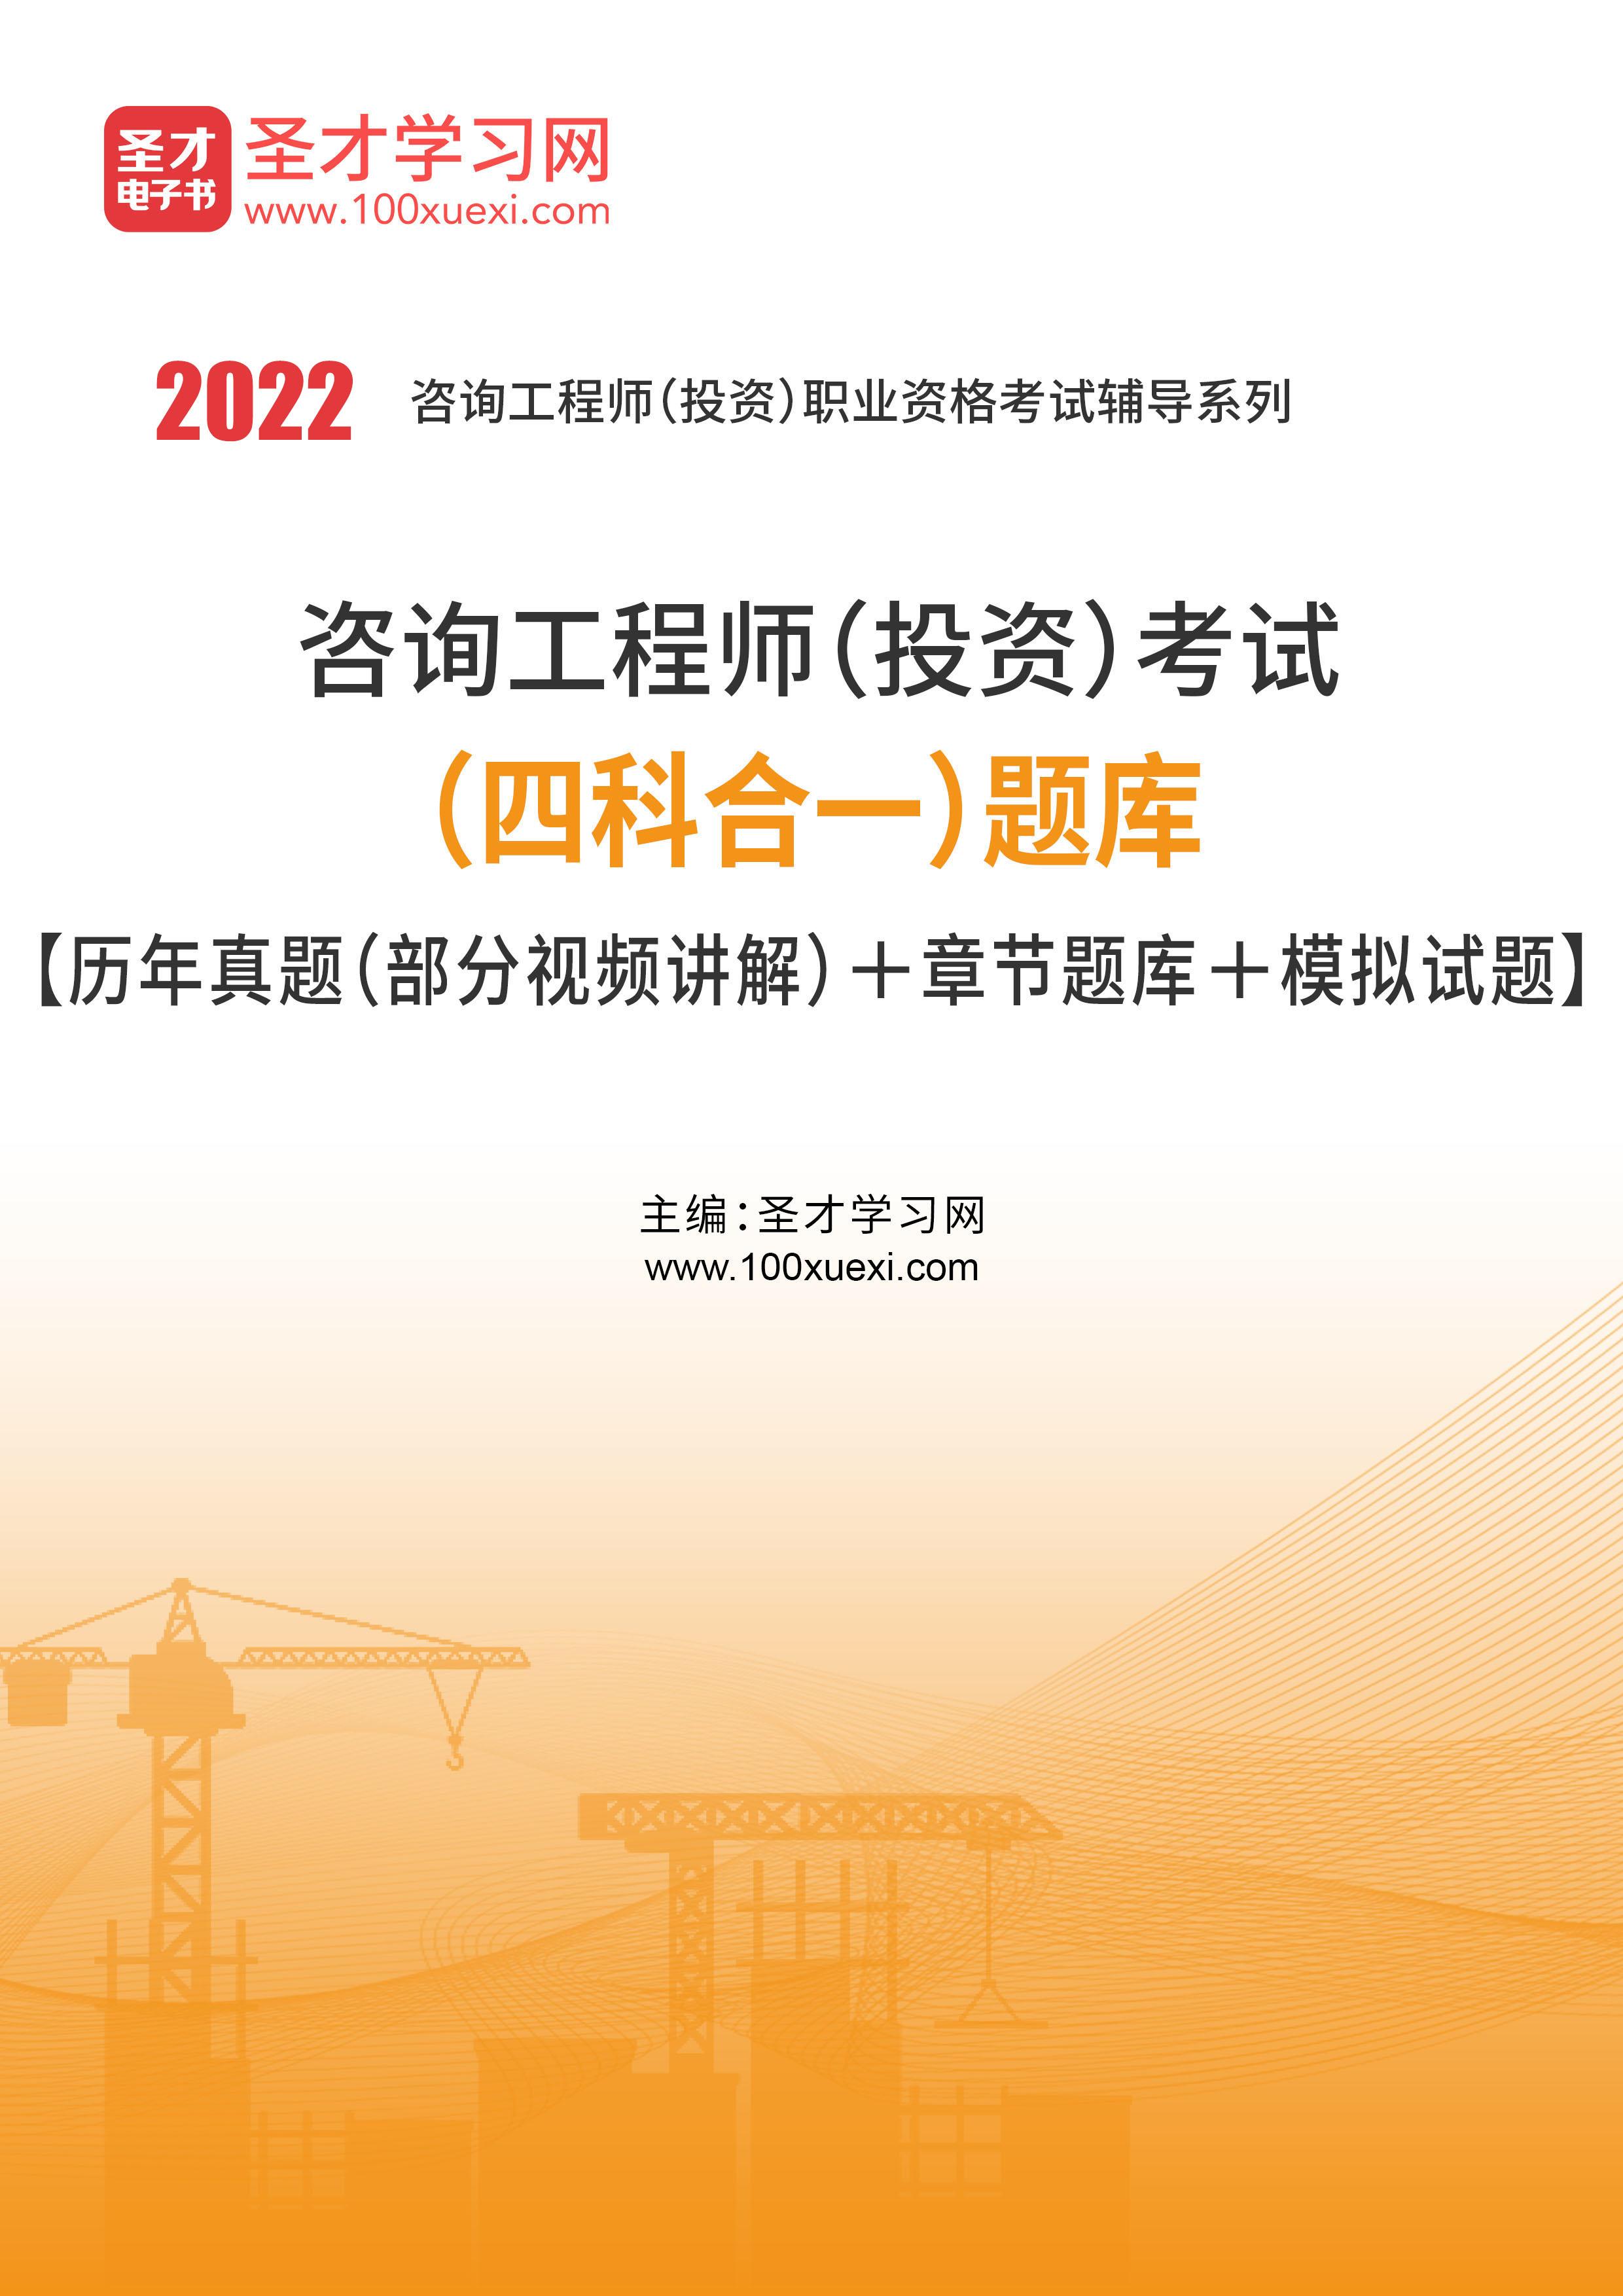 2021年咨詢工程師(投資)考試(四科合一)題庫【歷年真題(部分視頻講解)+章節題庫+模擬試題】